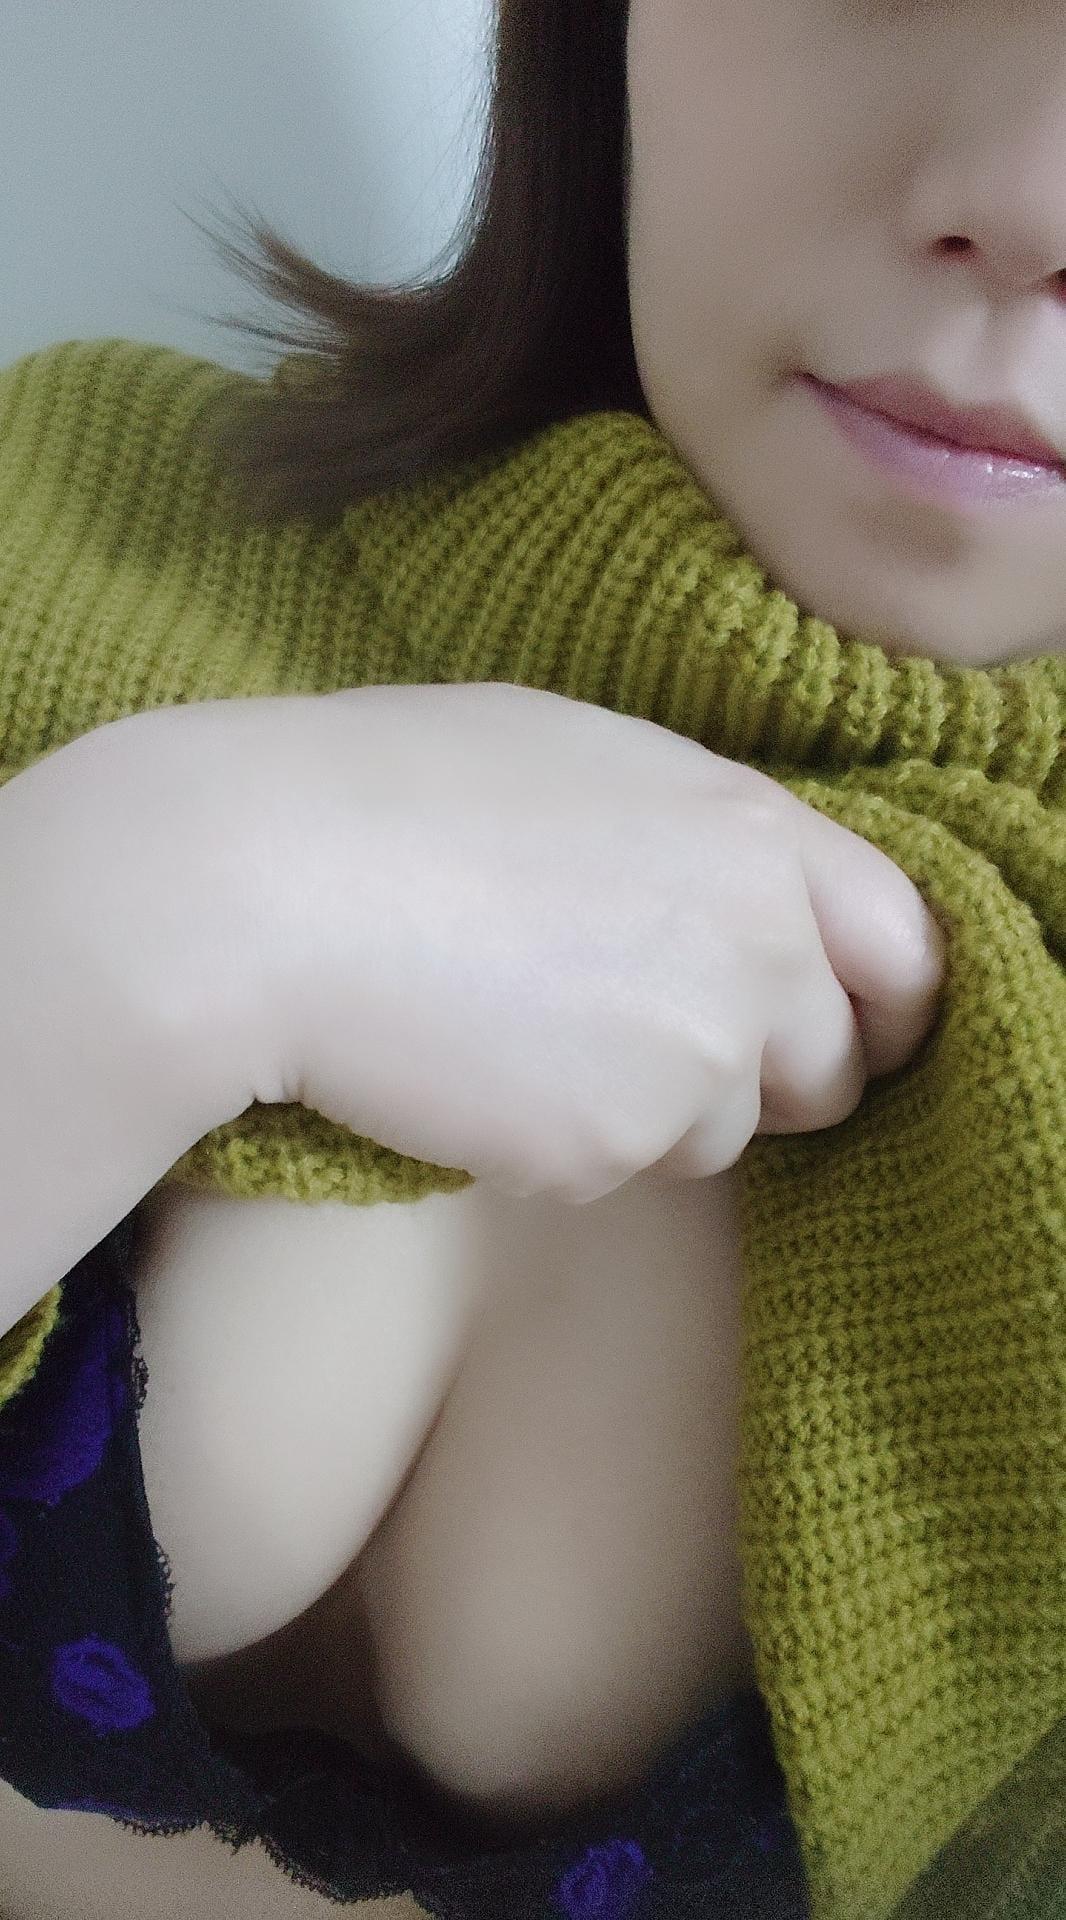 「☆出勤中です☆」01/09(01/09) 21:00 | 大宮の妻の写メ・風俗動画